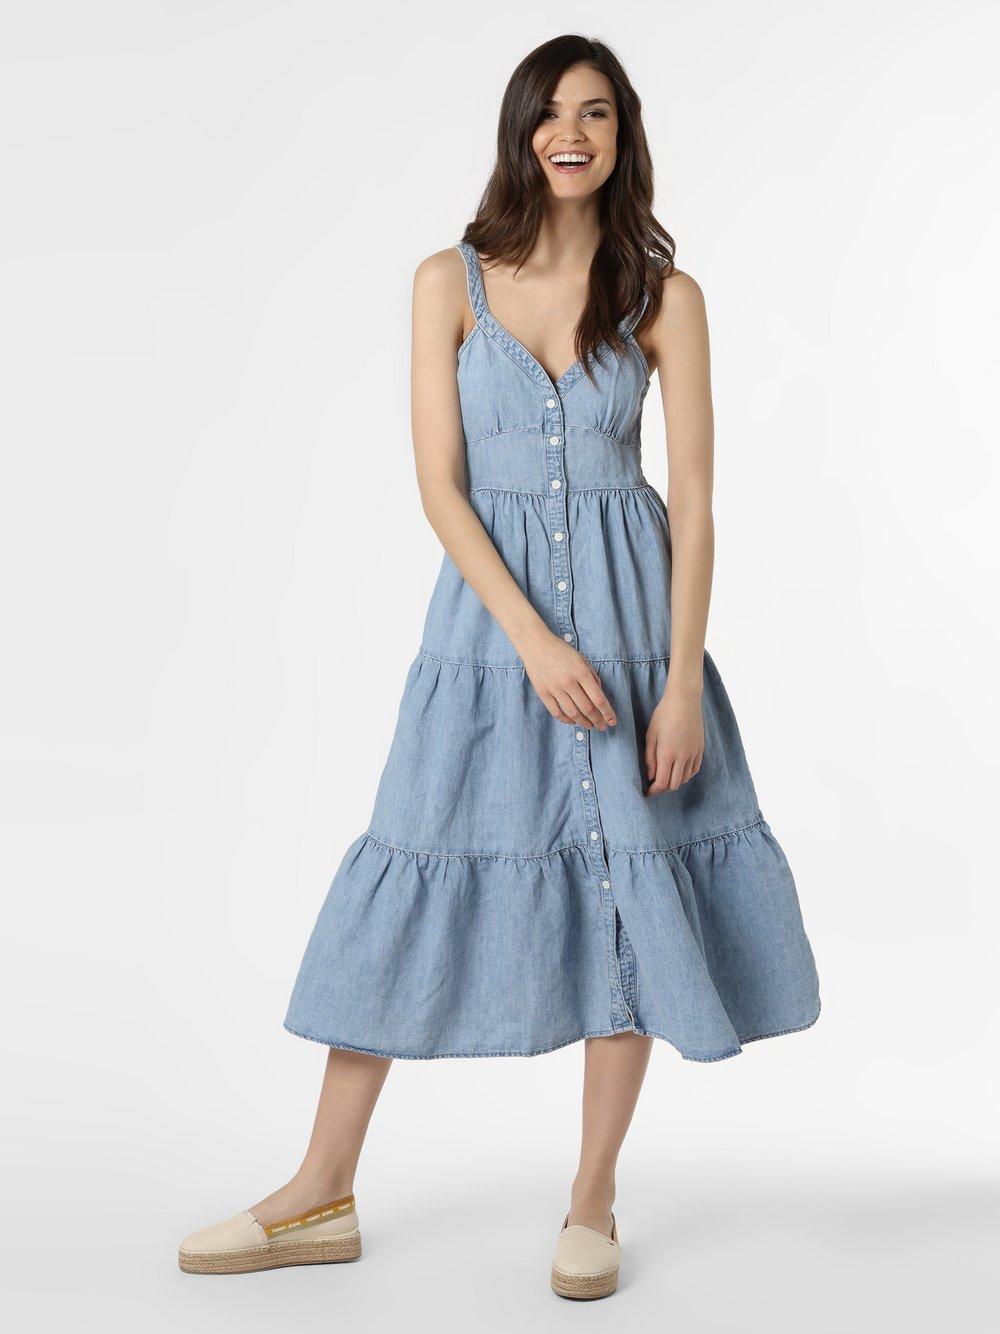 Levi's - Damska sukienka jeansowa, niebieski